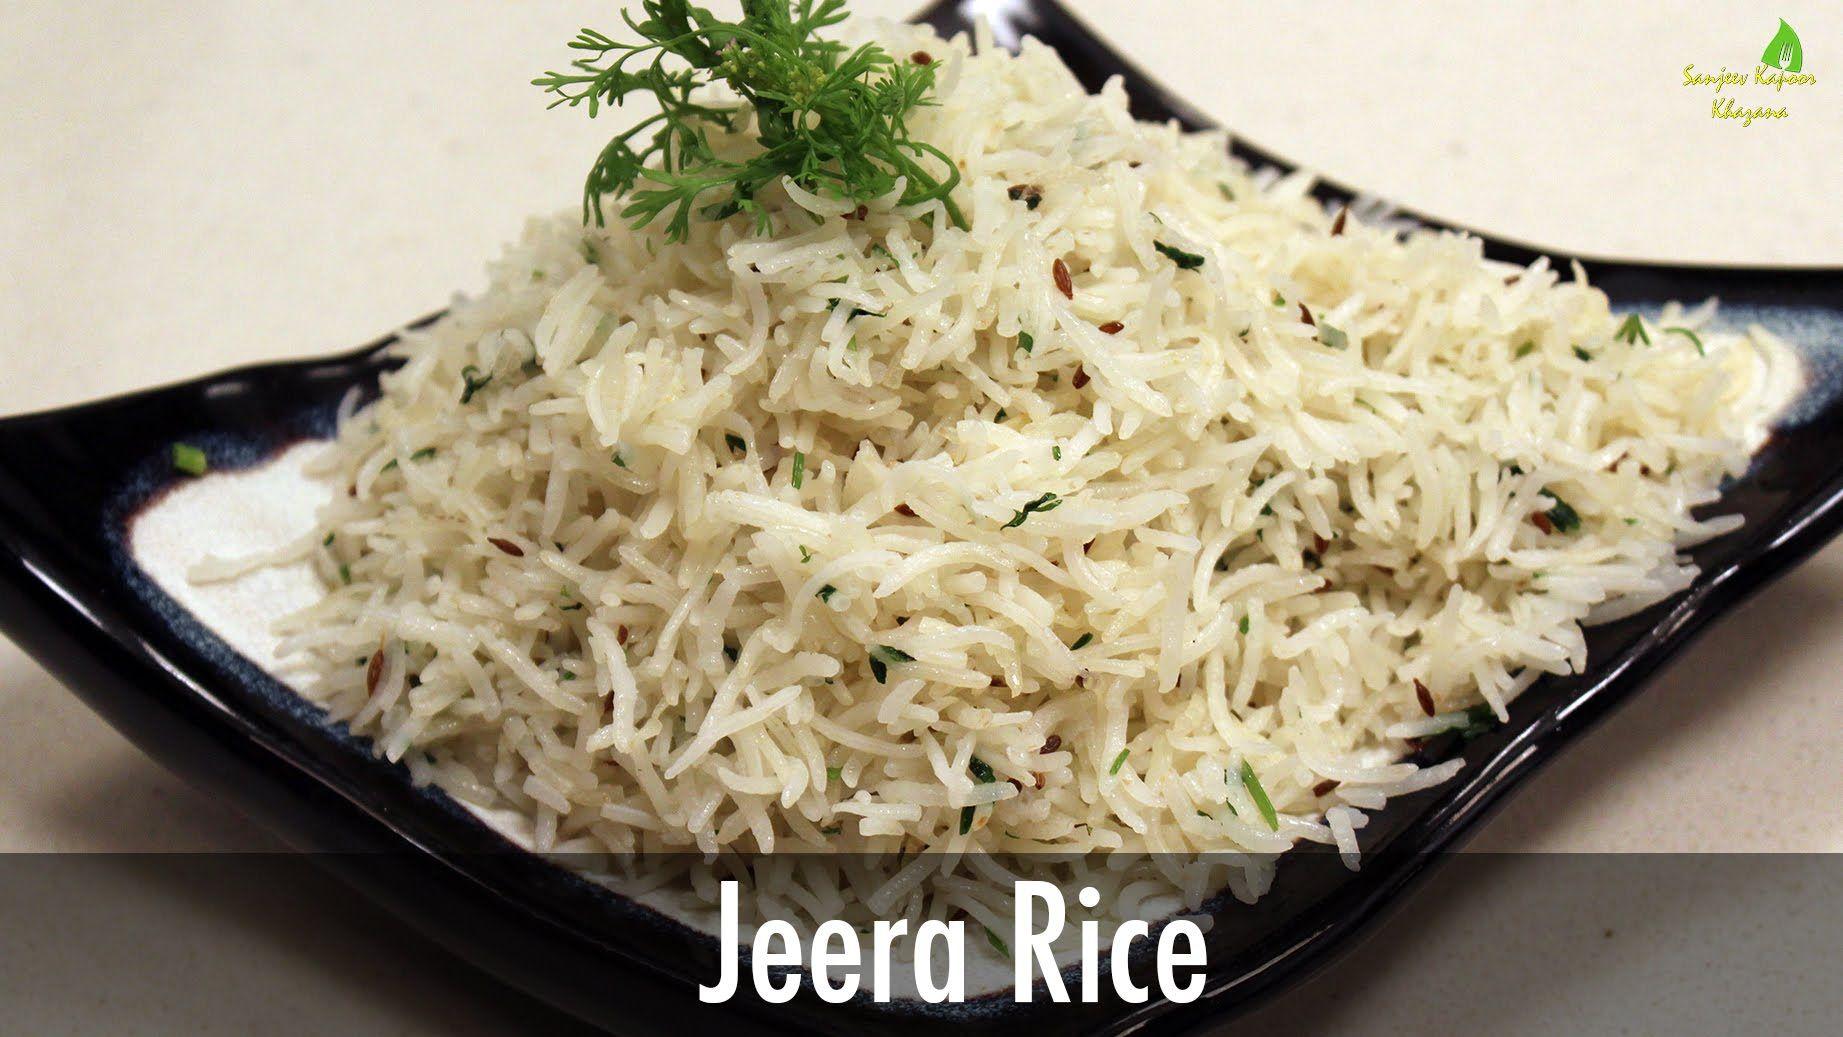 Jeera rice sanjeev kapoor khazana sanjeev kapoor recipes food jeera rice sanjeev kapoor khazana forumfinder Gallery